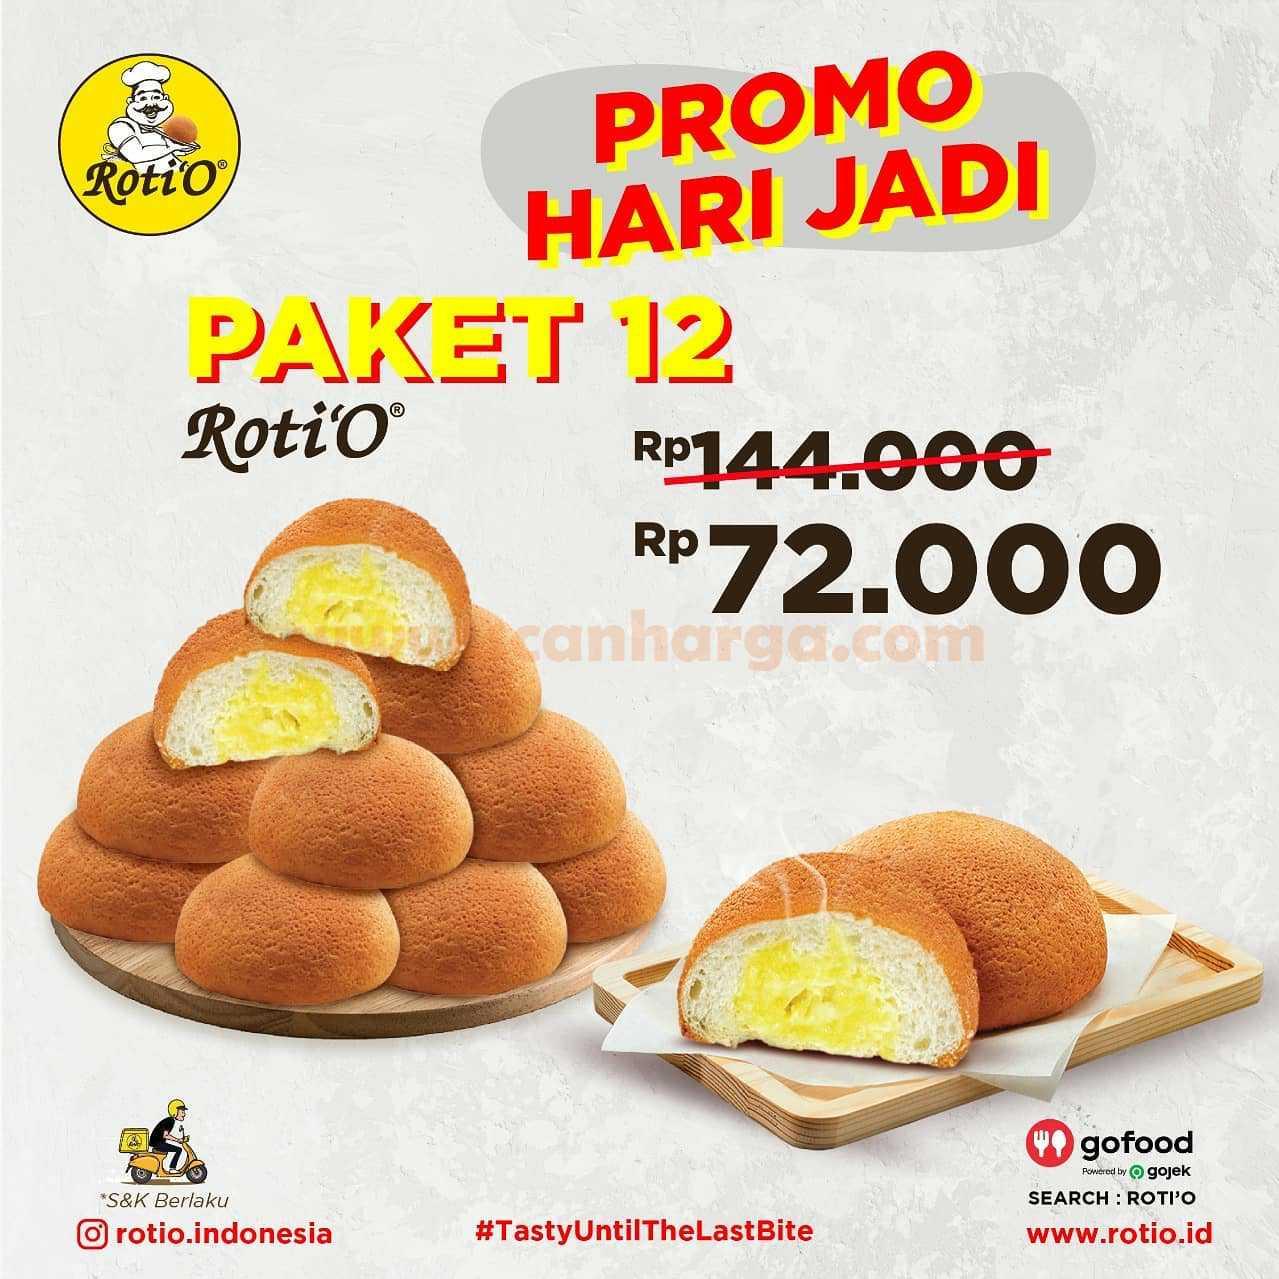 Promo Roti'o Hari Jadi Gofood - Diskon 50% untuk 5 Paket Roti dan Minuman